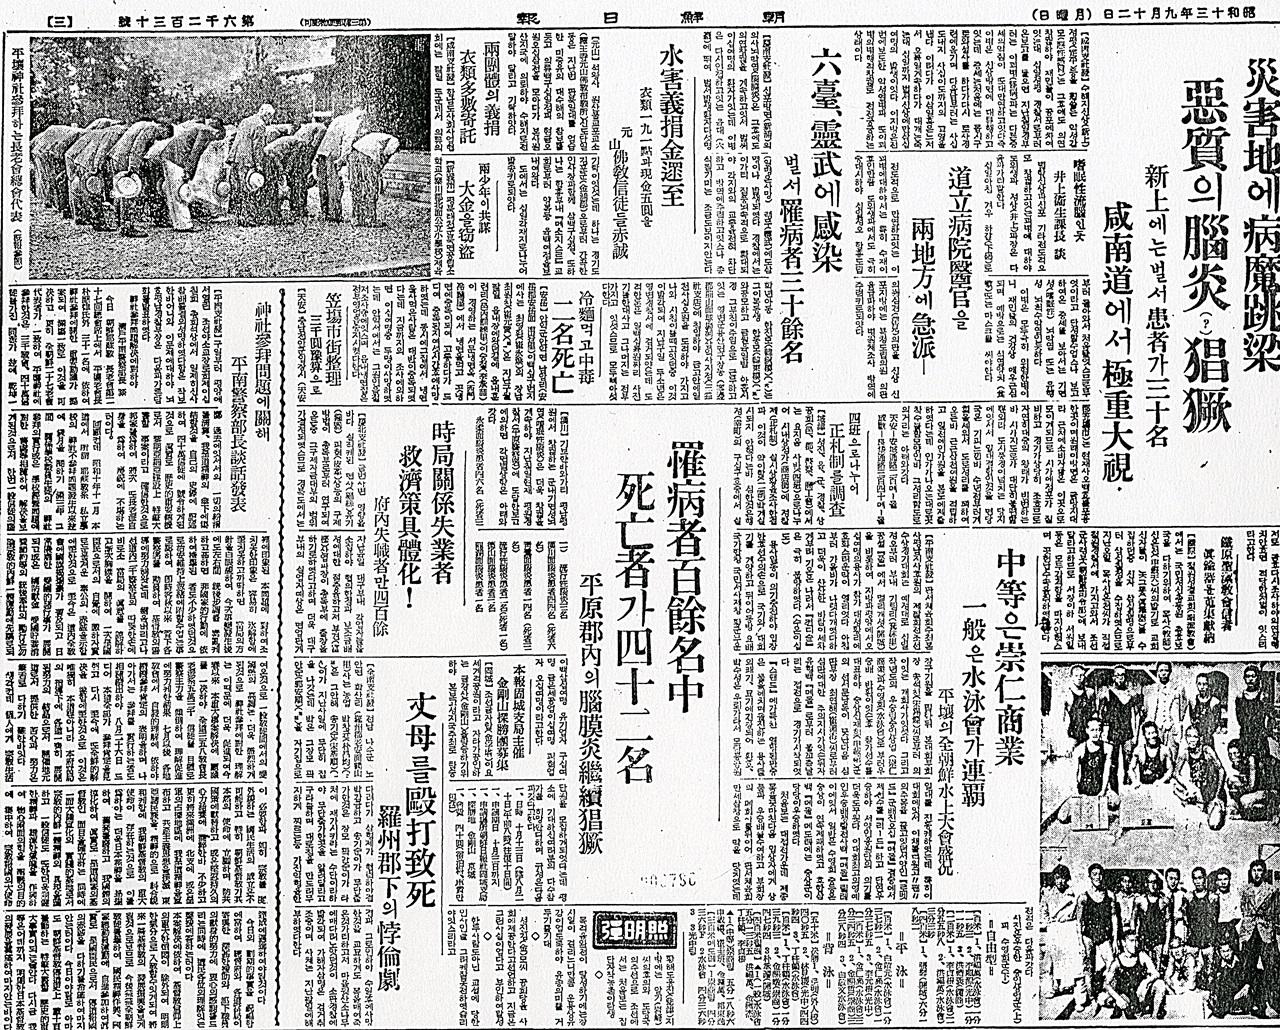 평양신사 참배하는 장로회총회 대표단에 대한 조선일보 기사.